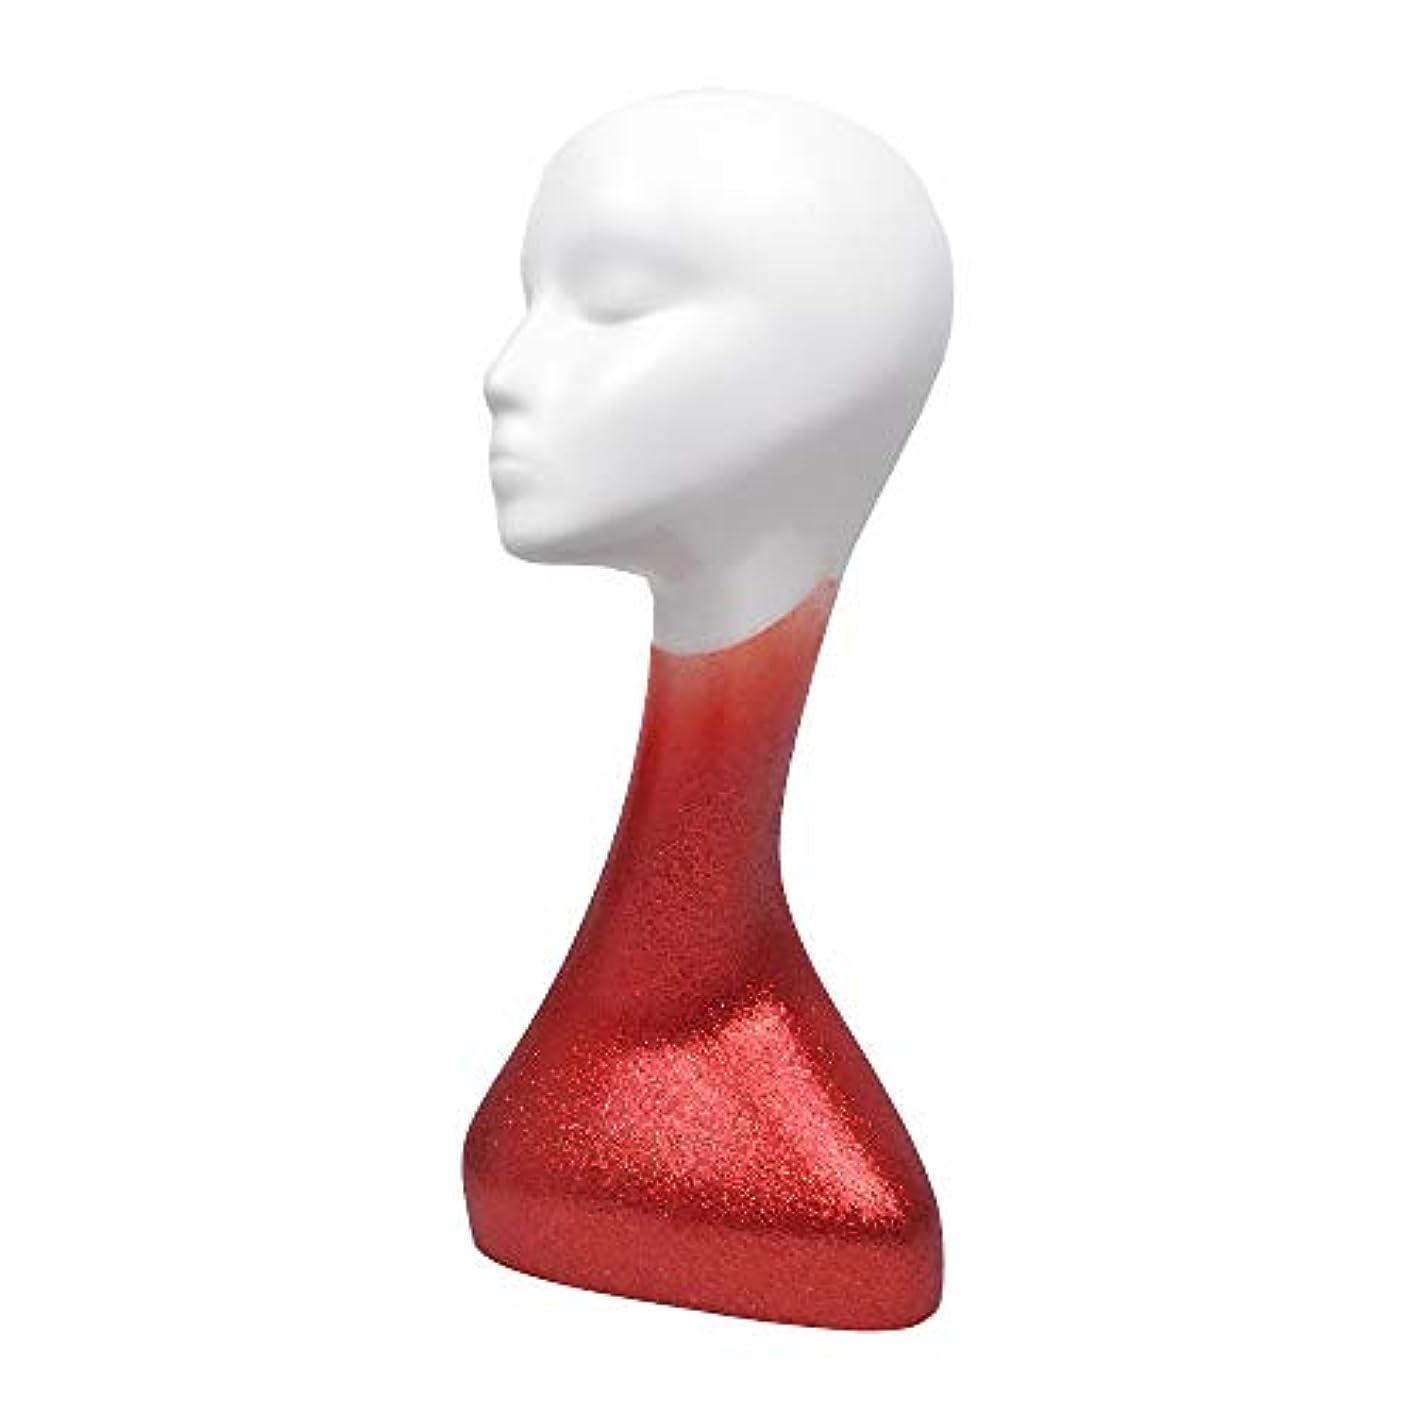 スカーフ欠員レンチメガネ帽子ウィッグスカーフ用プロフェッショナルアート女性マネキンヘッドABSスキンマネキンモデルプラスチック,Red